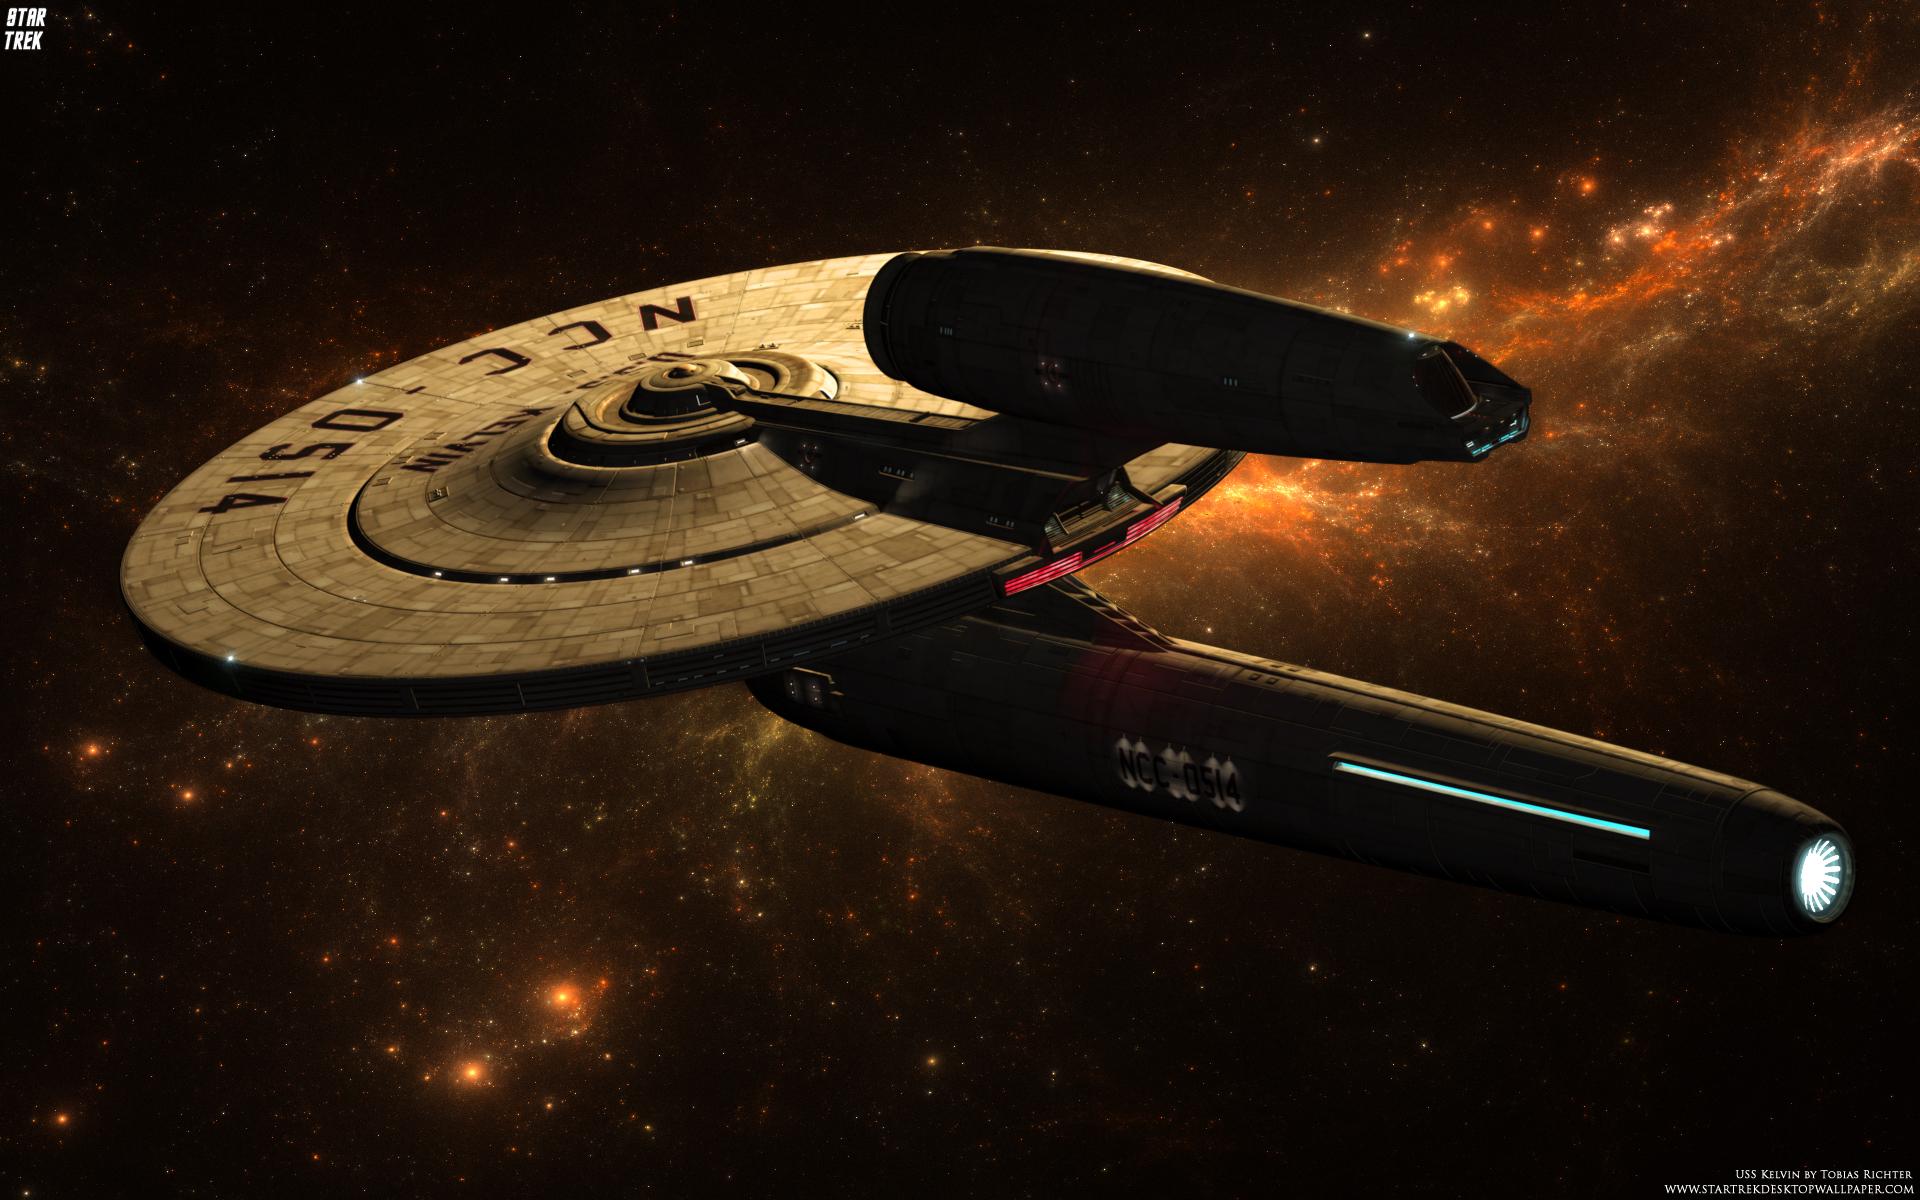 Star Trek USS Kelvin NCC 0514 Star Trek computer 1920x1200